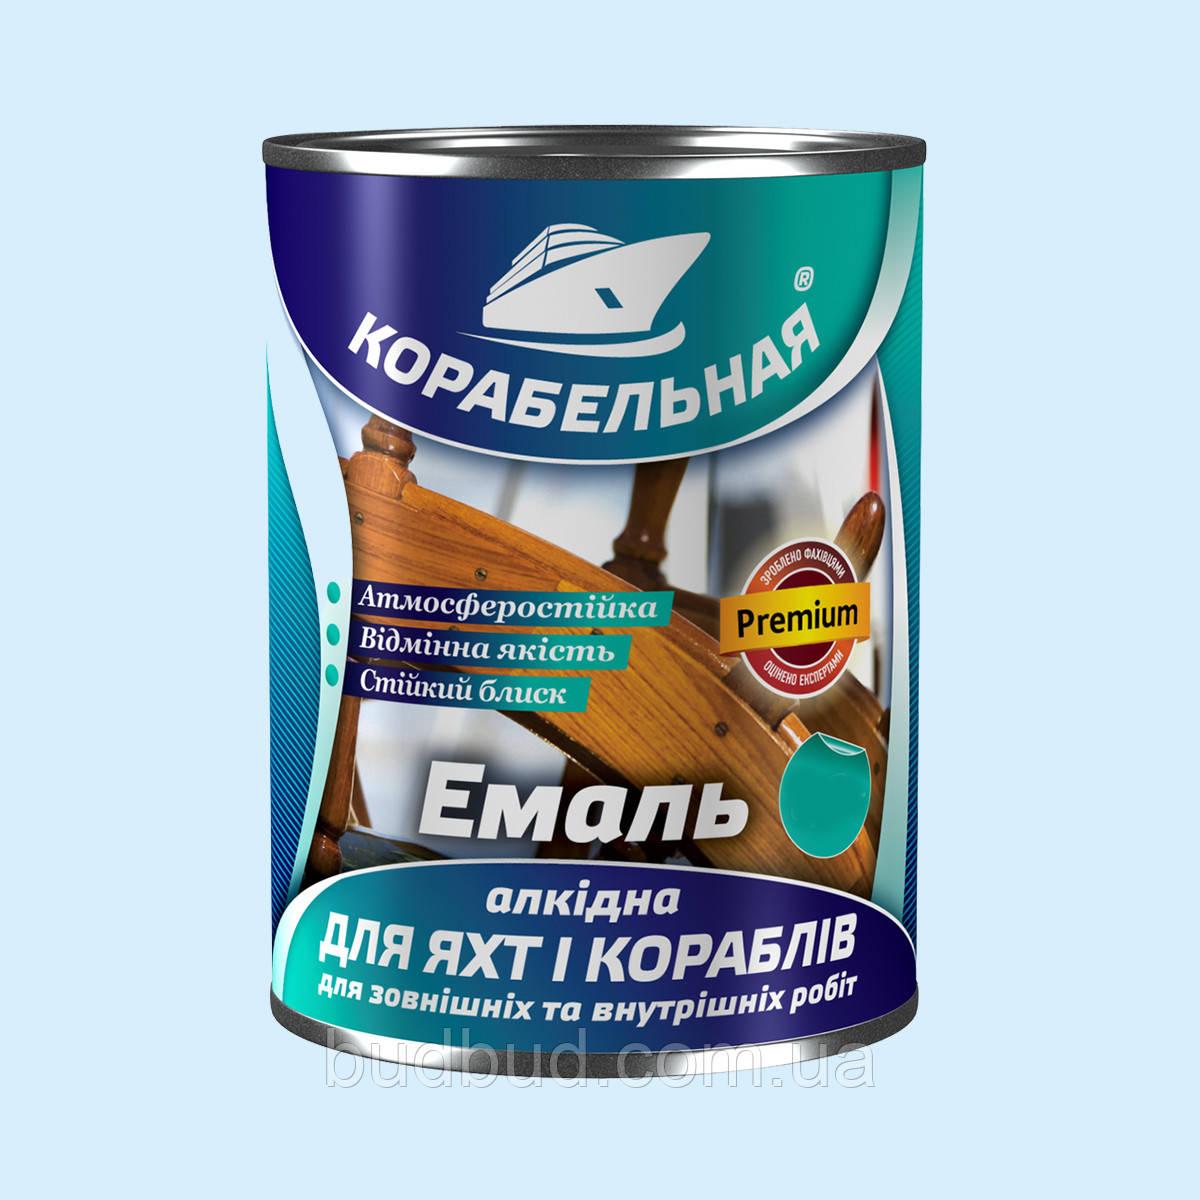 Эмаль алкидная светло-серая Polycolor (Поликолор) Корабельная 0.9 кг